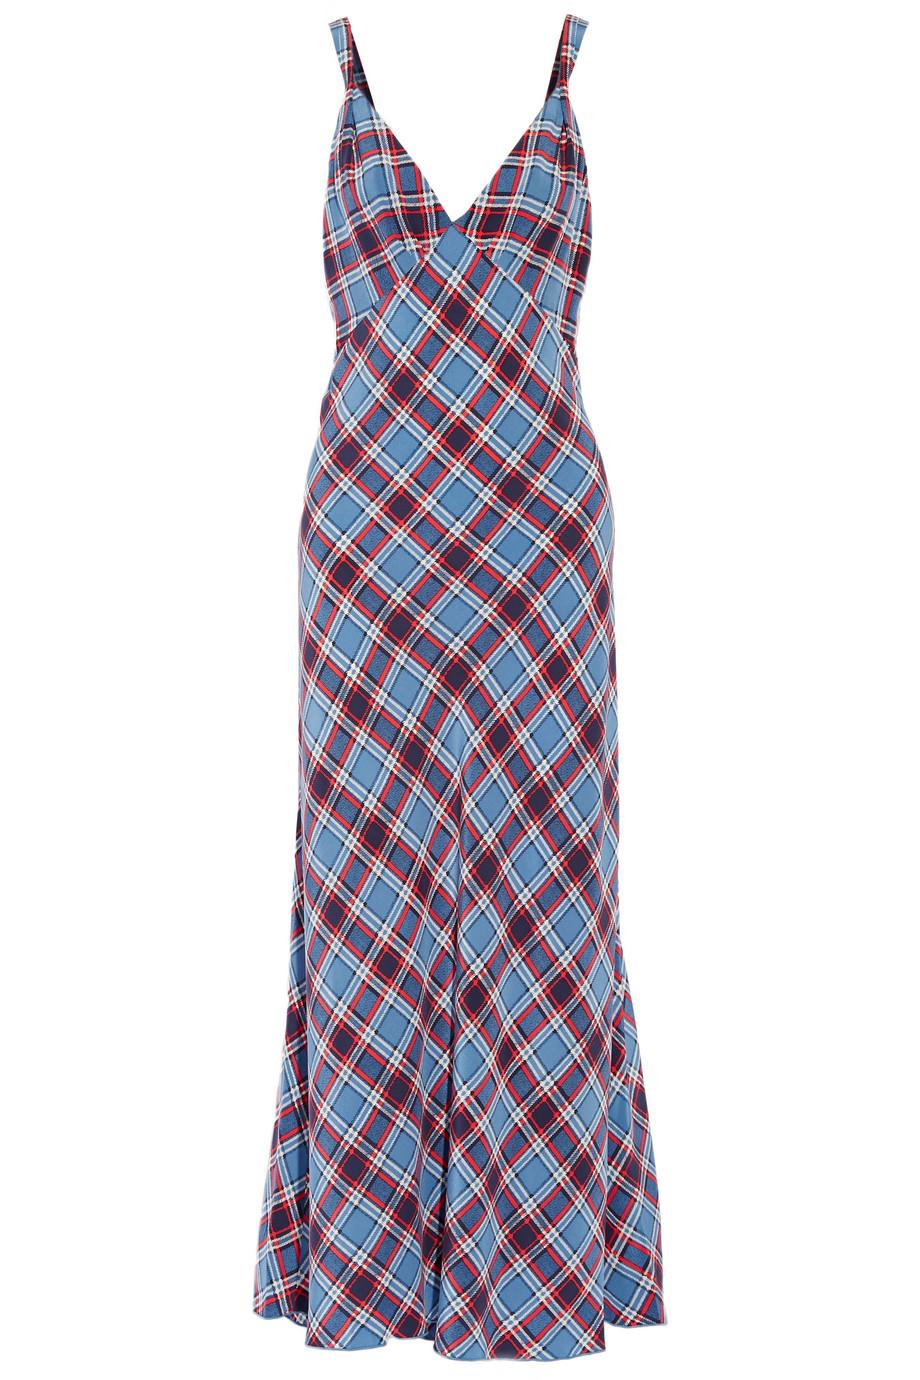 Marc Jacobs Plaid Silk Crepe De Chine Maxi Dress, Blue, Women's - Plaid, Size: 0